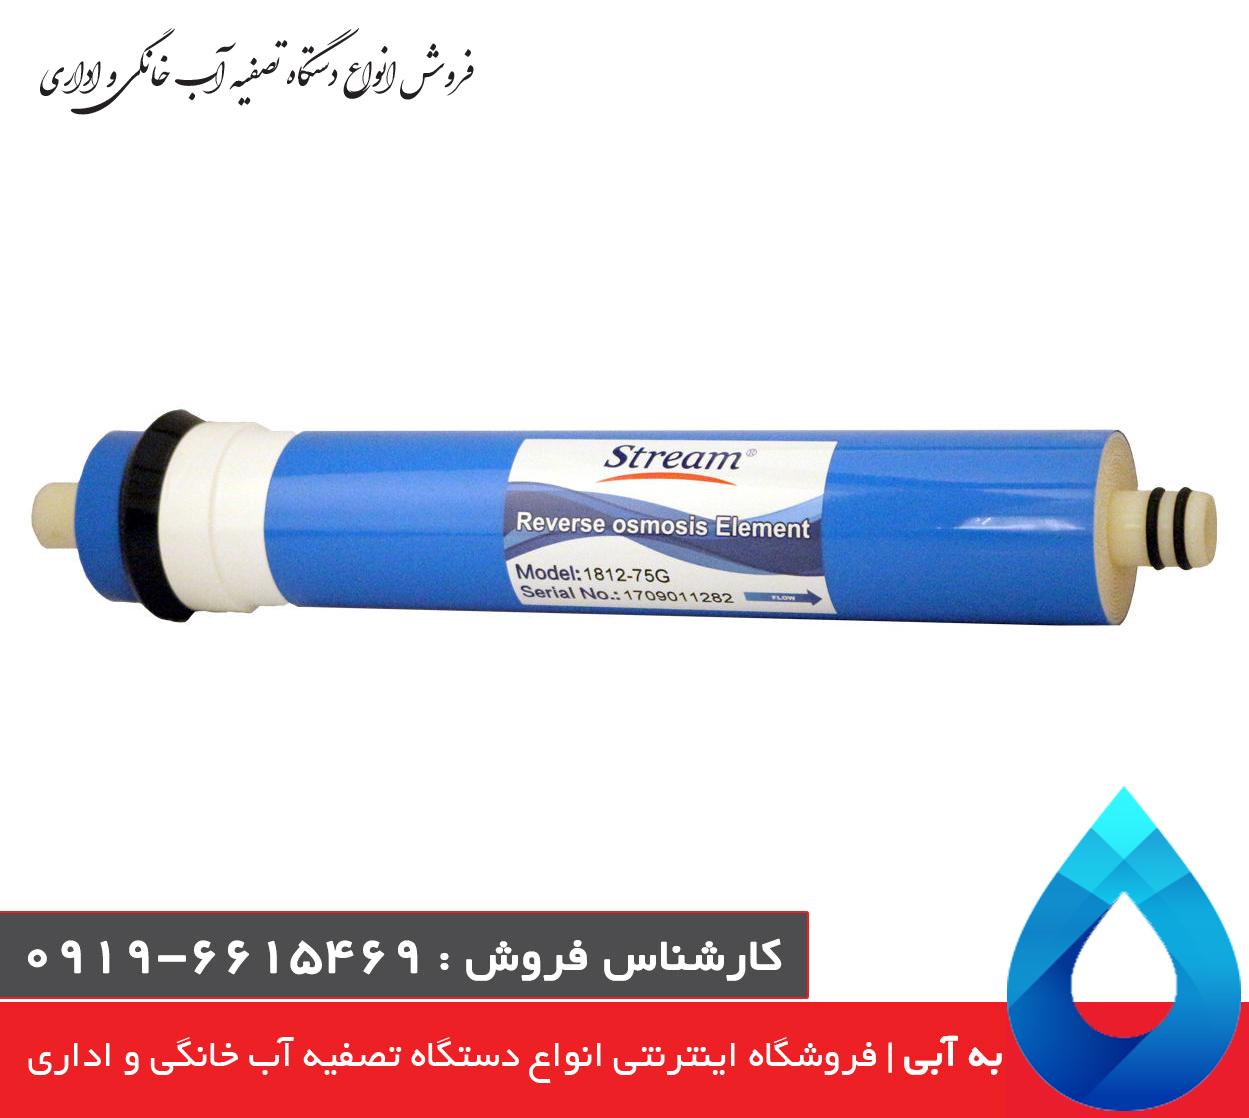 دستگاه تصفیه آب 8 مرحله ای سافت واتر -RO